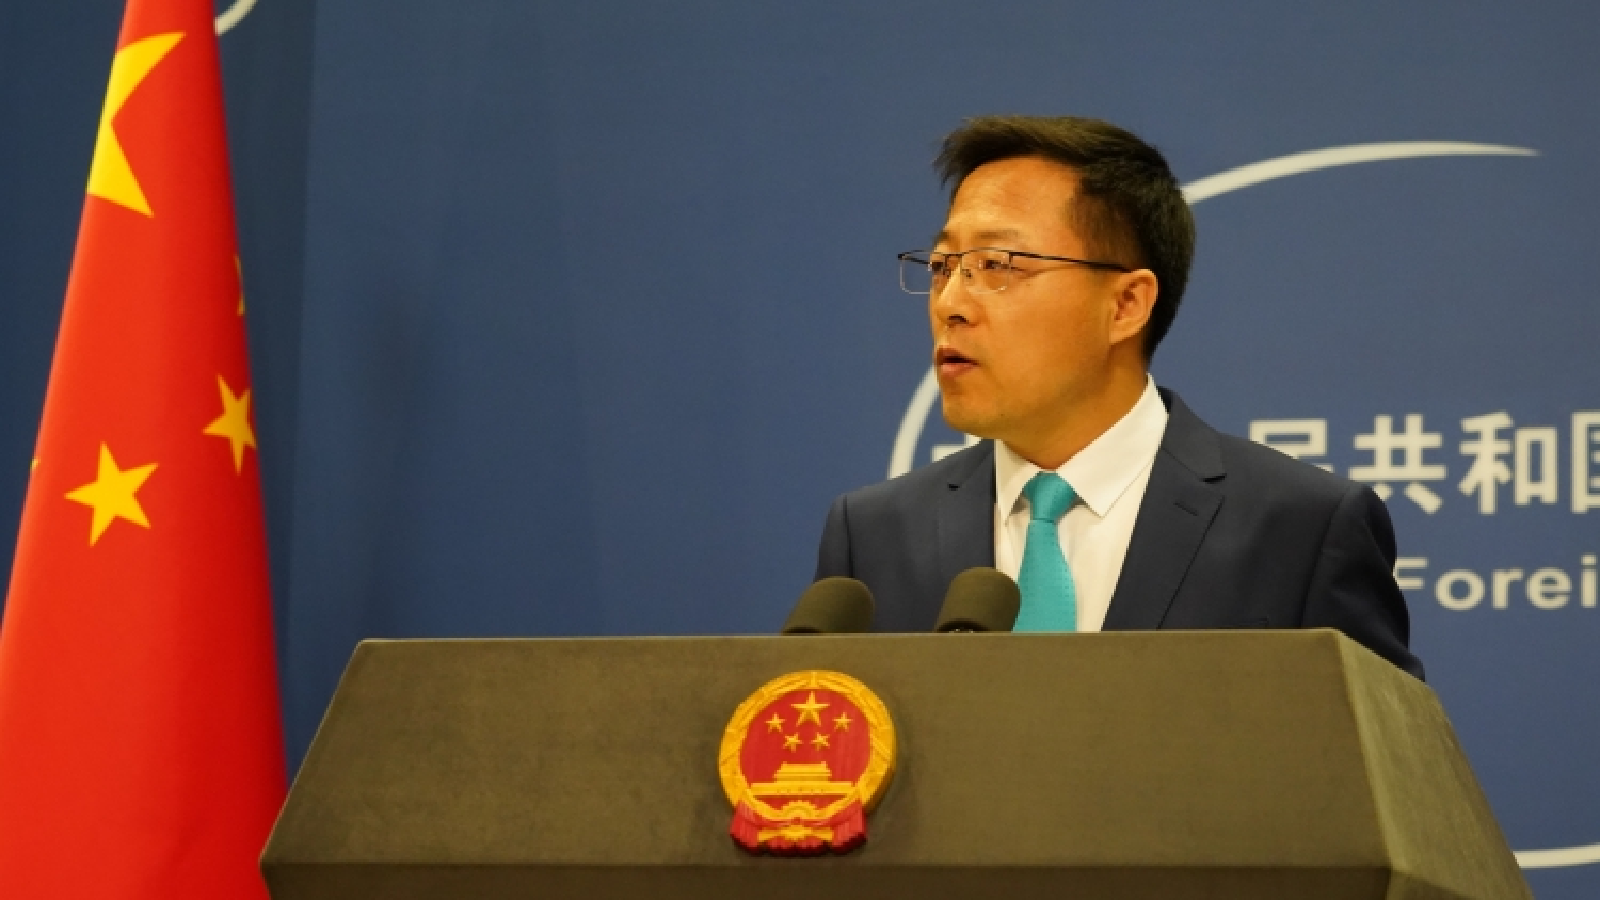 Trung Quốc chỉ trích Mỹ không cấp visa cho lưu học sinh Trung Quốc